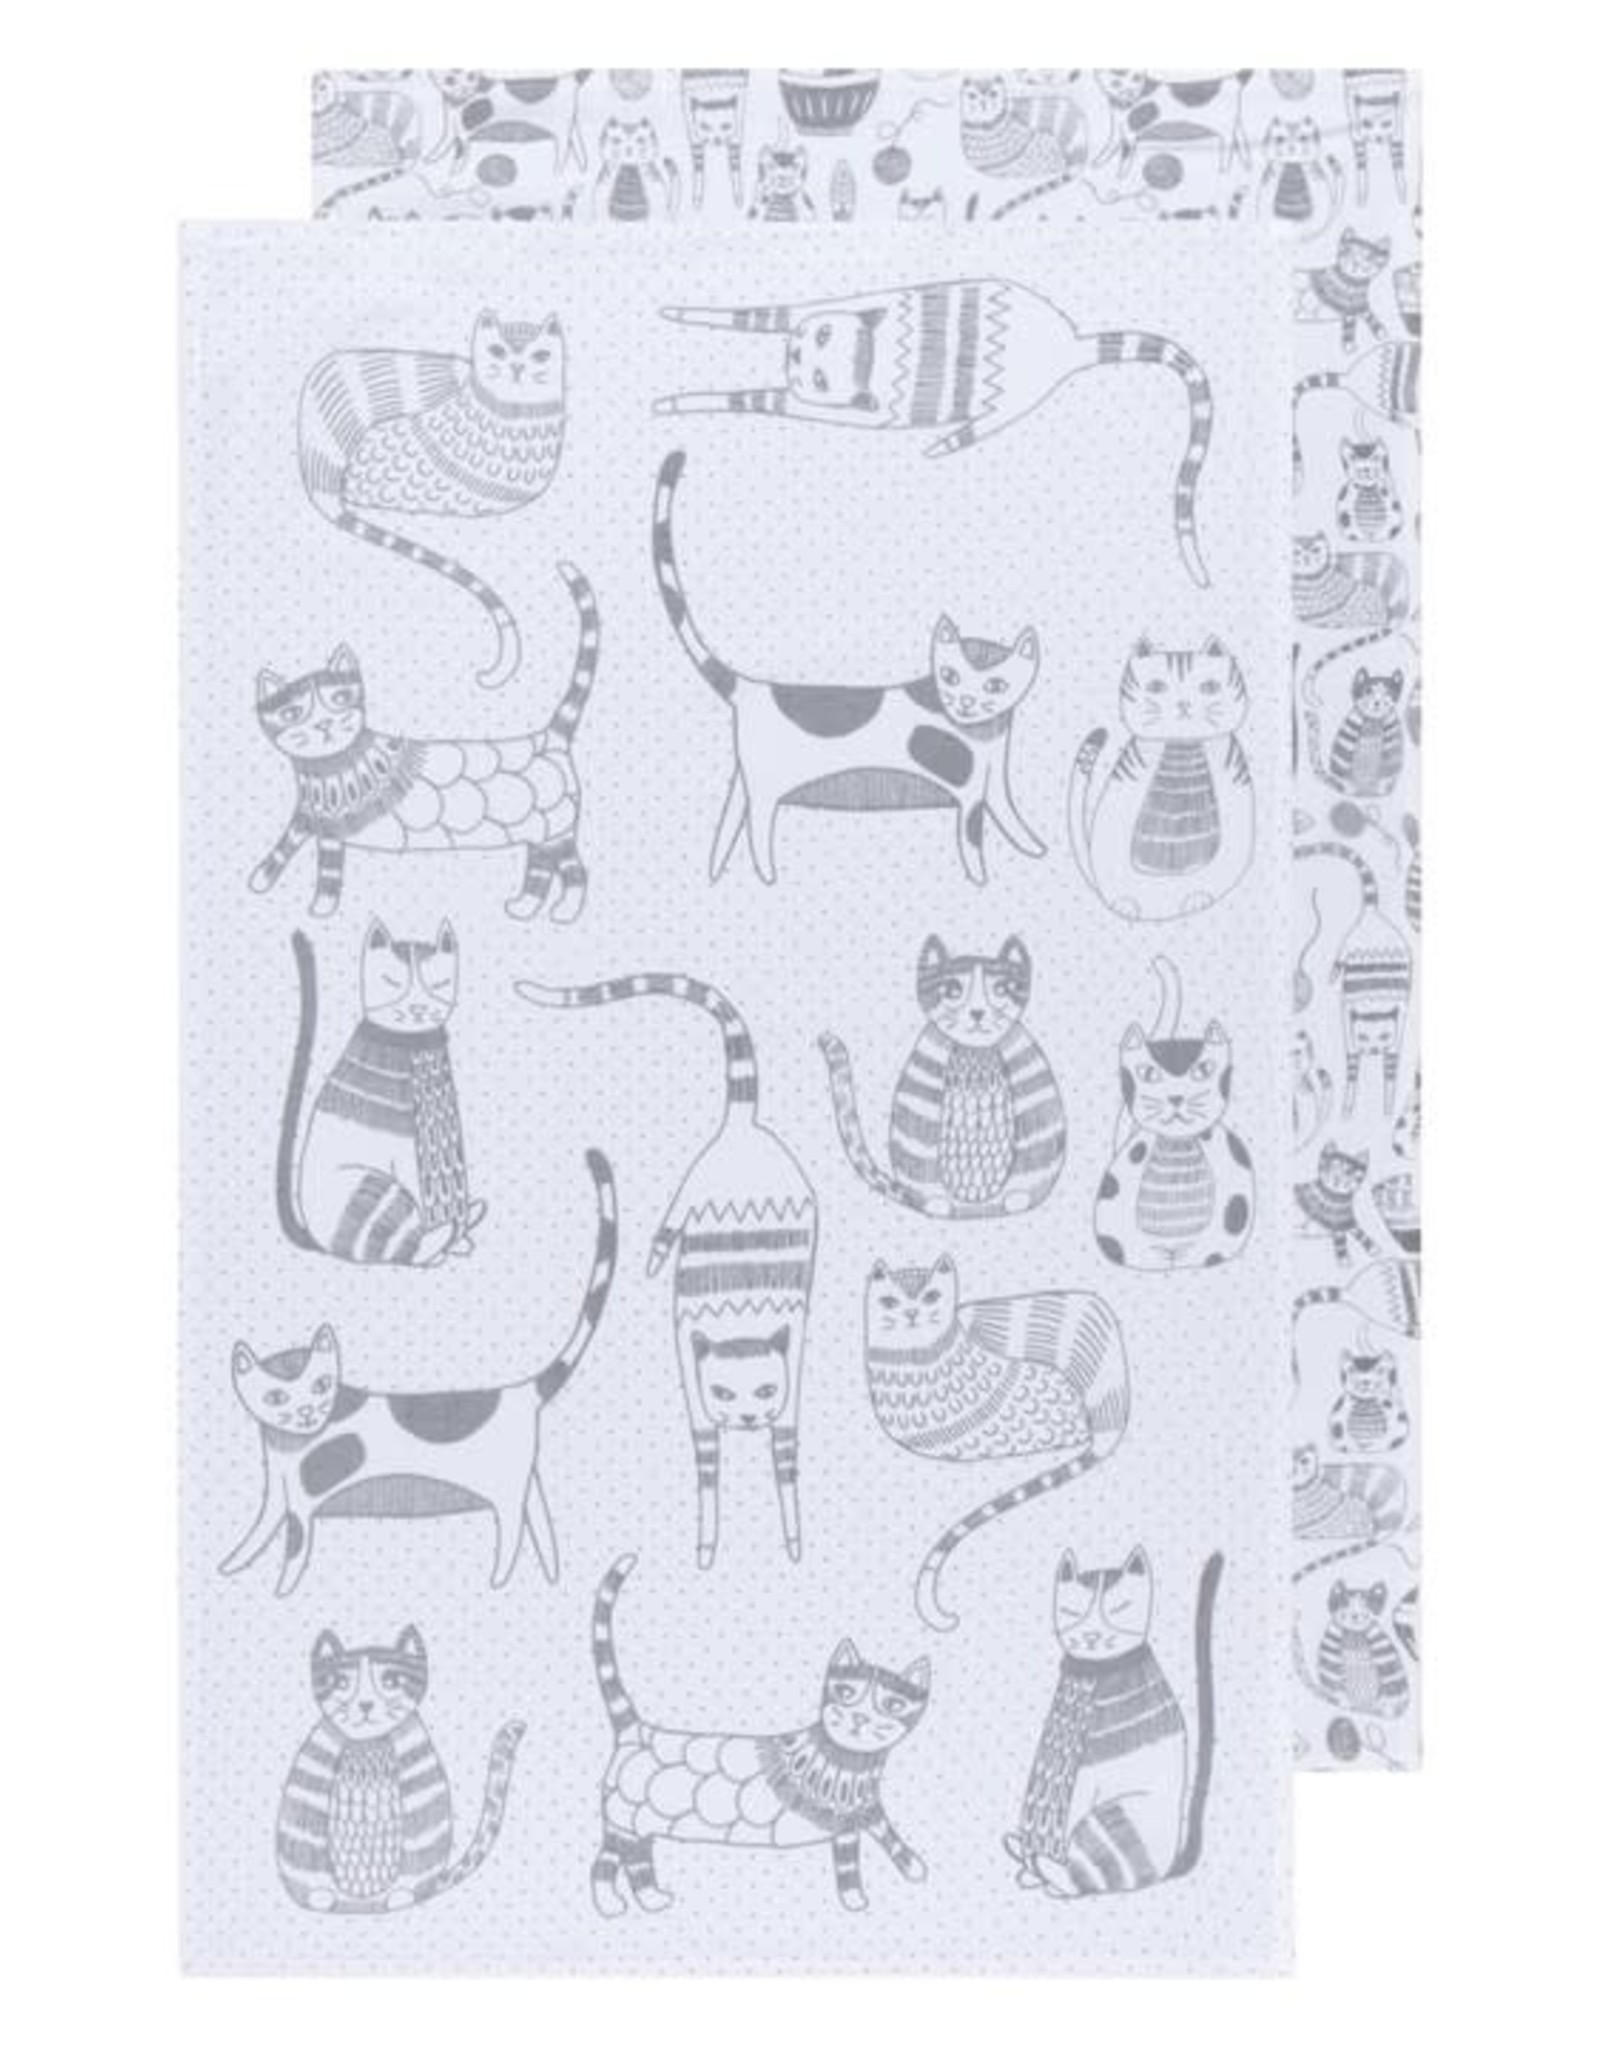 Ens 2 linges à vaisselle - chat gris